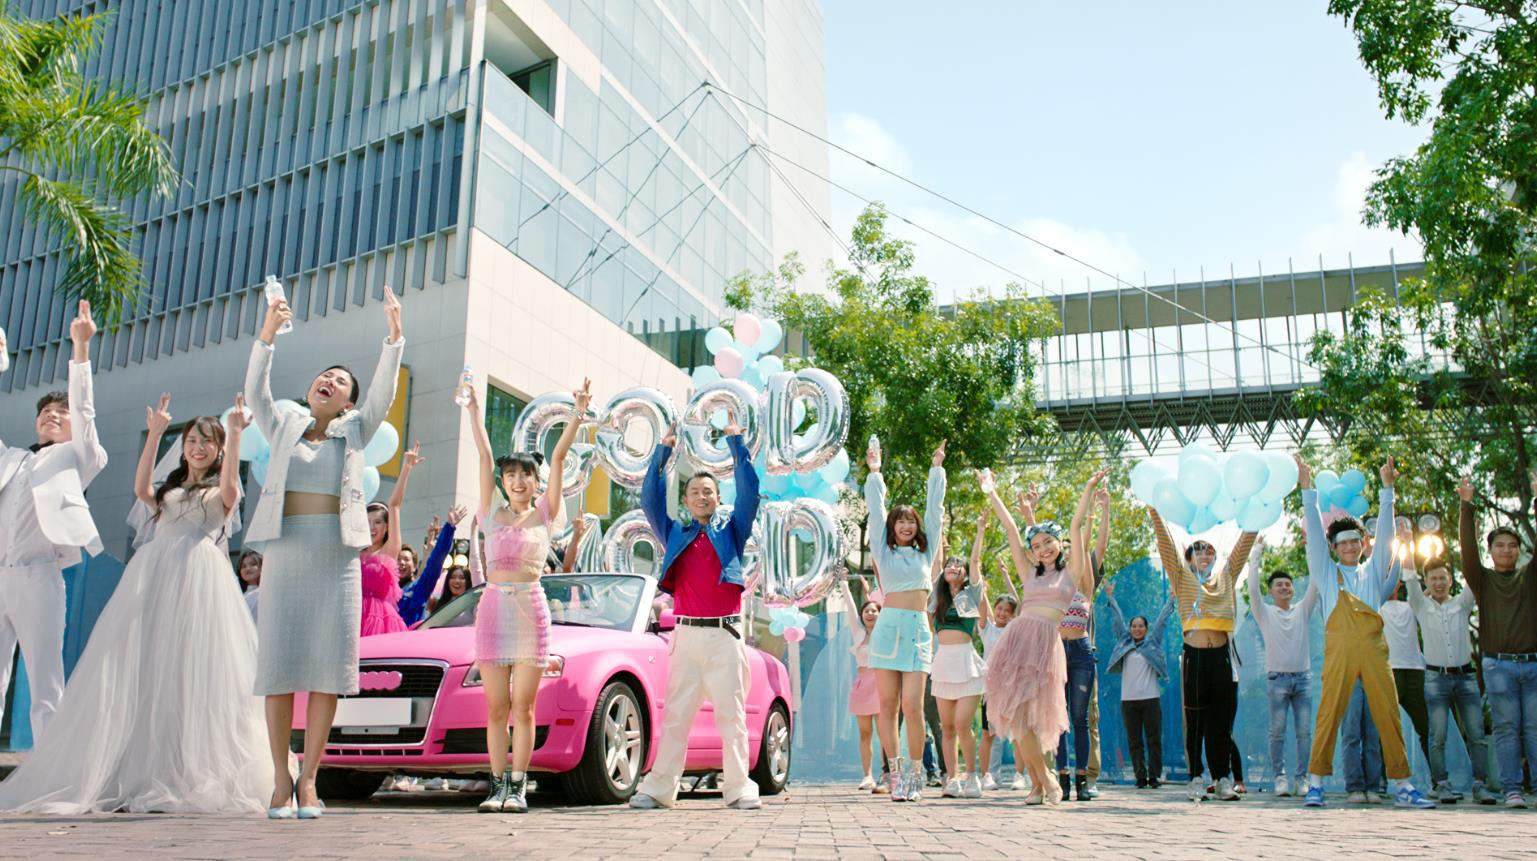 Ờ mây zing chưa, thánh tạo trend Binz nay lại tung thêm vũ điệu cực mood trong MV mới - Ảnh 5.